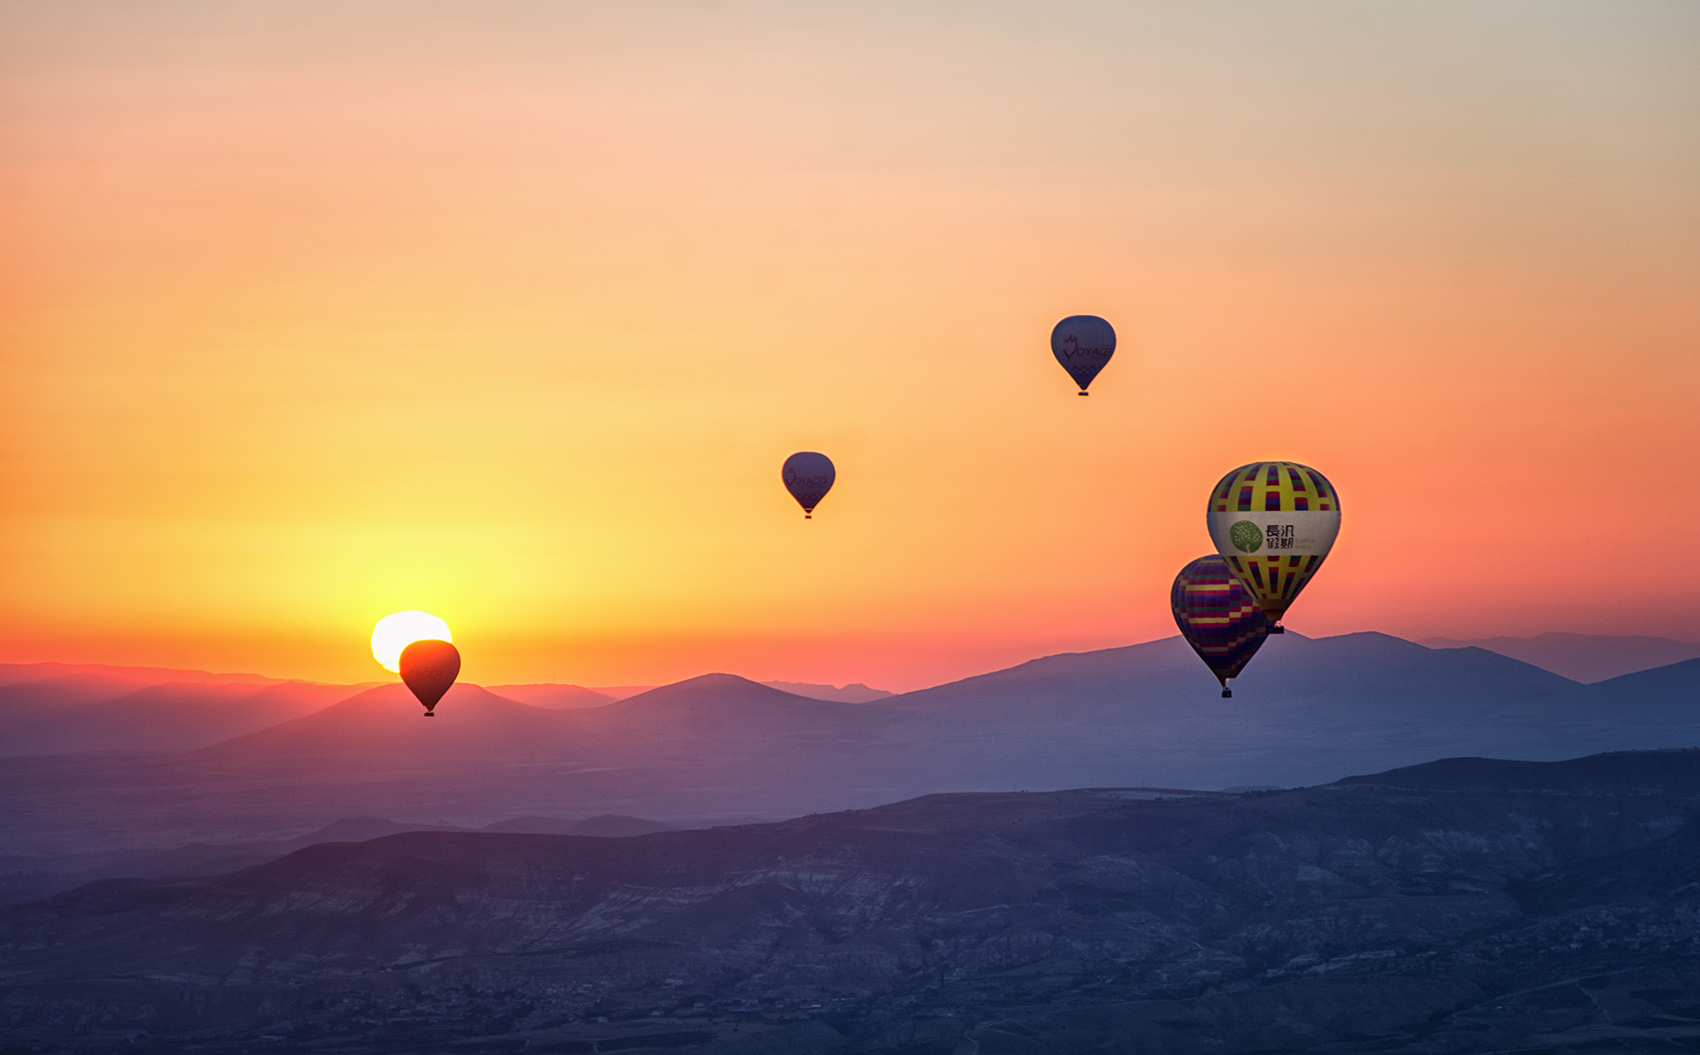 Així evoluciona l'adopció de l'Open Payment Alliance a la indústria turística